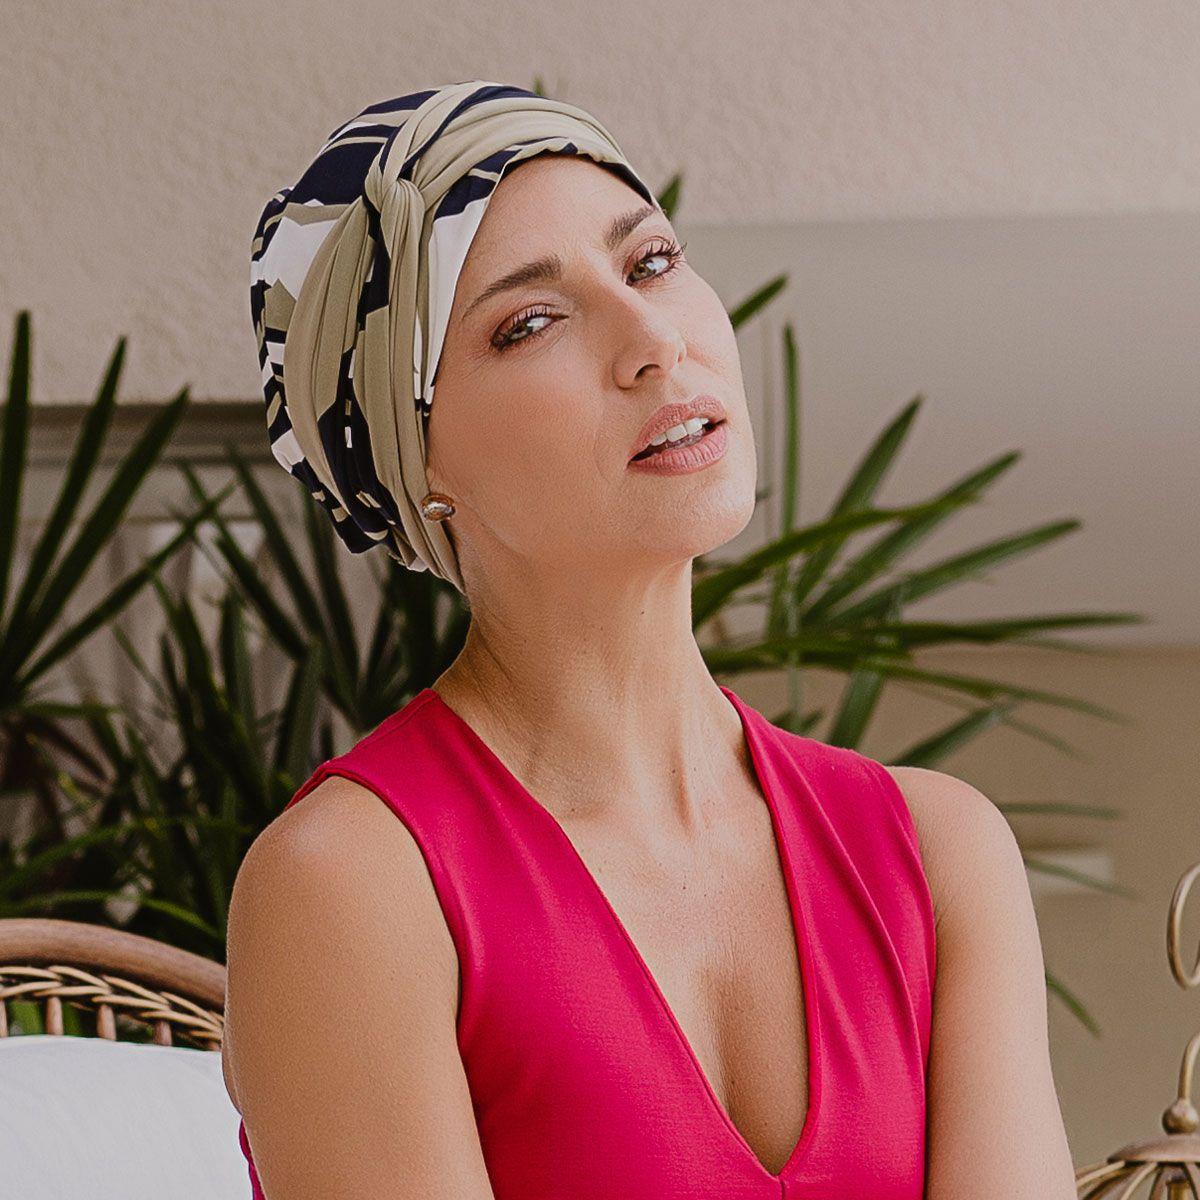 Turbante Feminino Dupla Face Vicky Serena